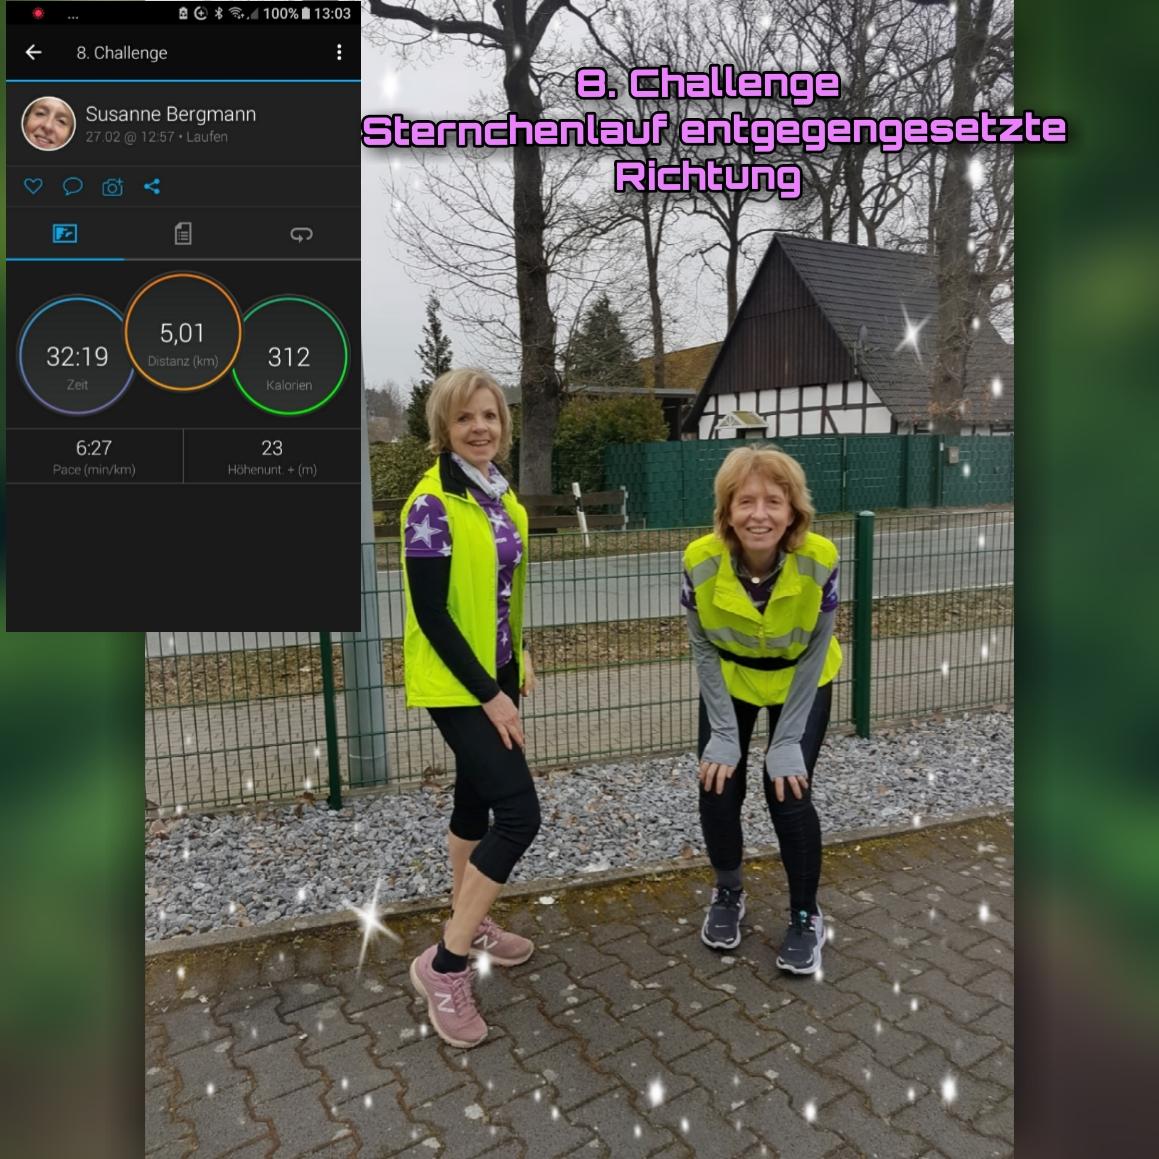 Bergmann-Susanne-8-Challenge-Sternchenlauf-s9WQY